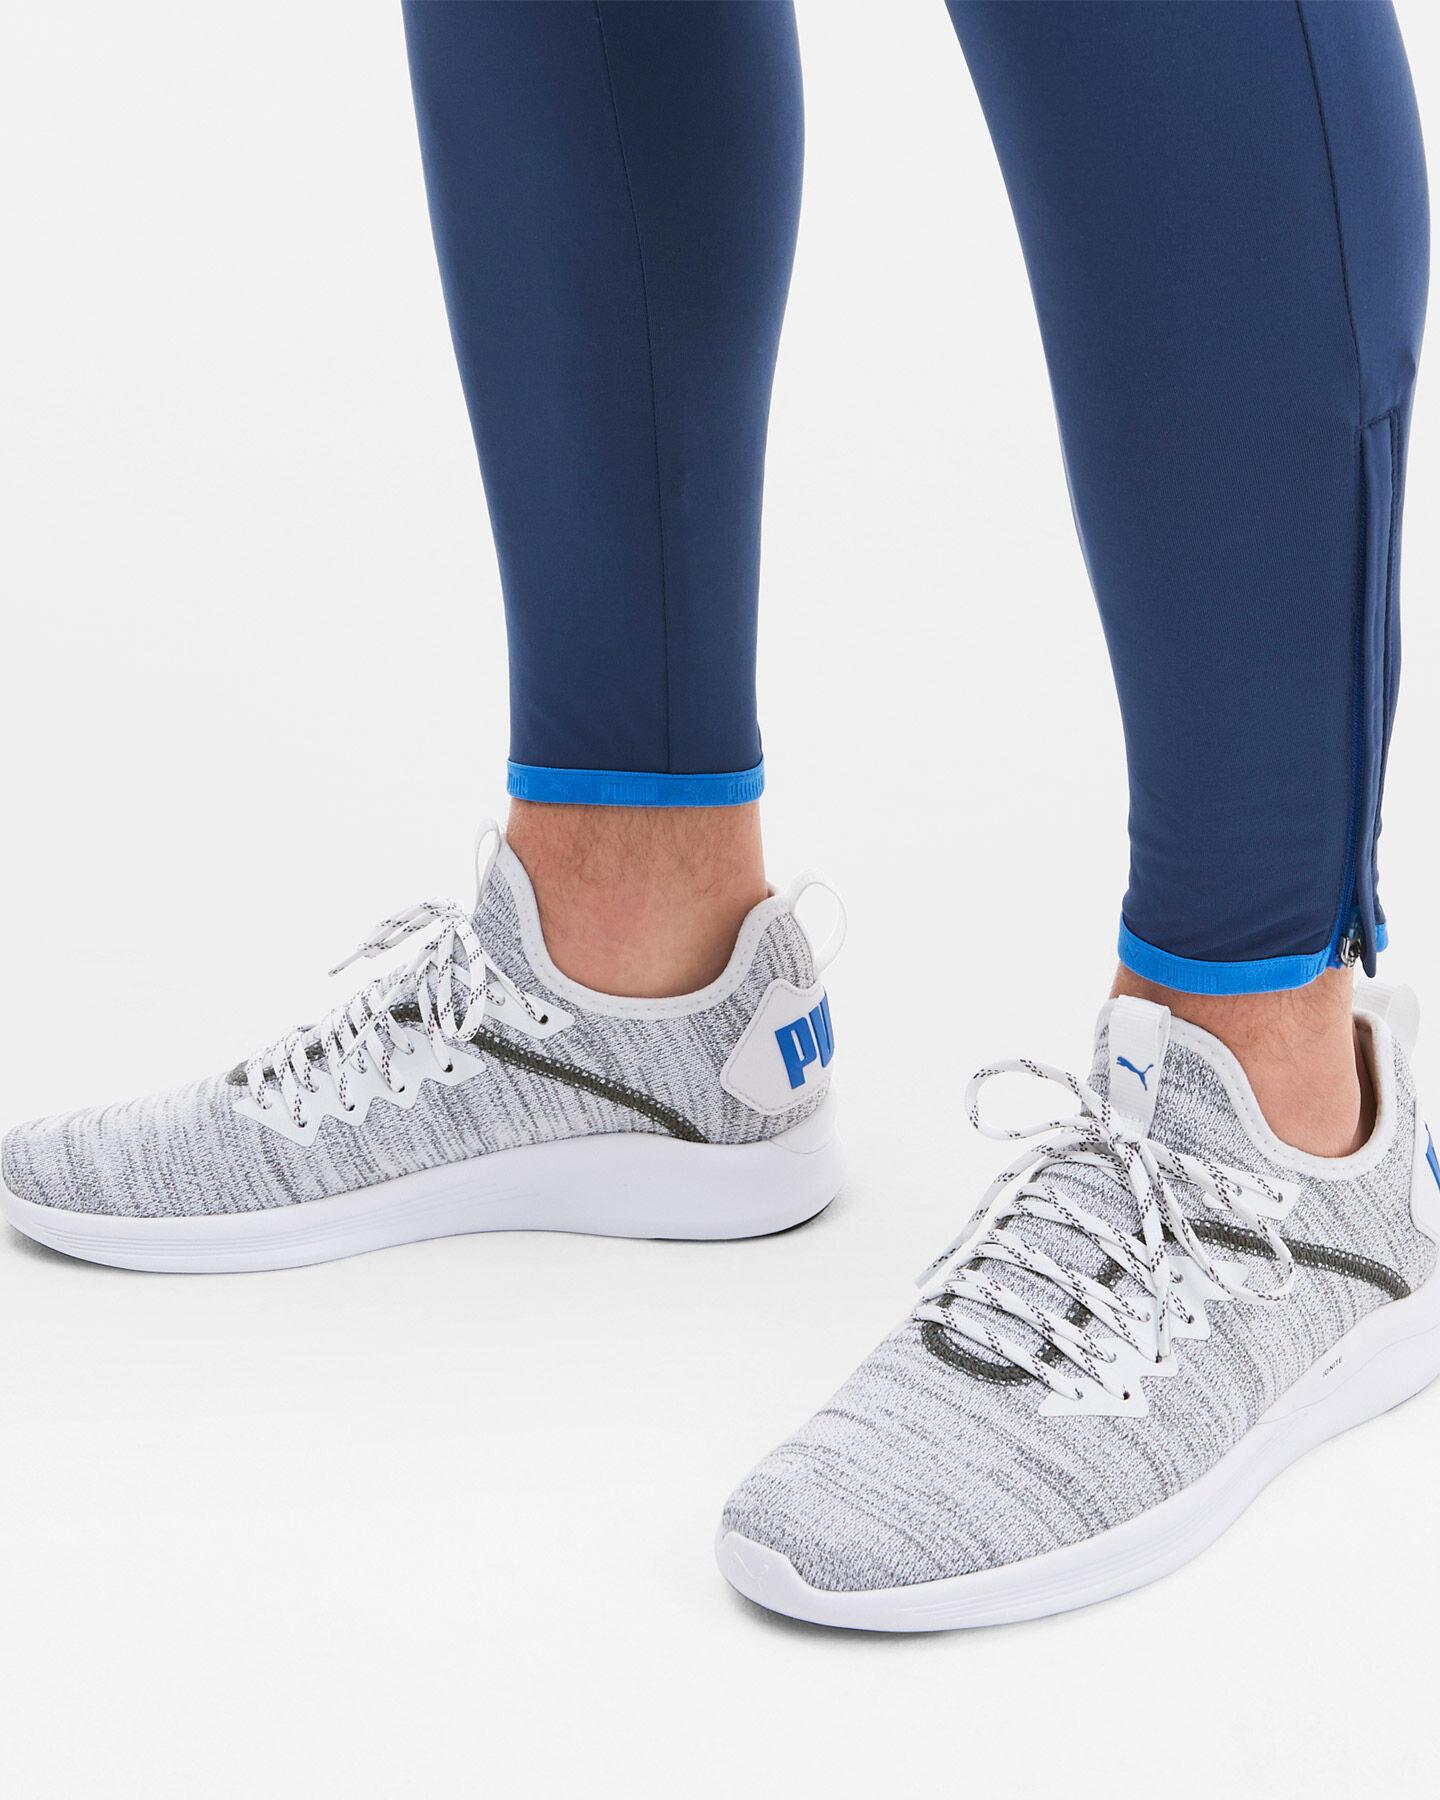 Scarpe sneakers PUMA IGNITE FLASH EVOKNIT M S5181432 scatto 5